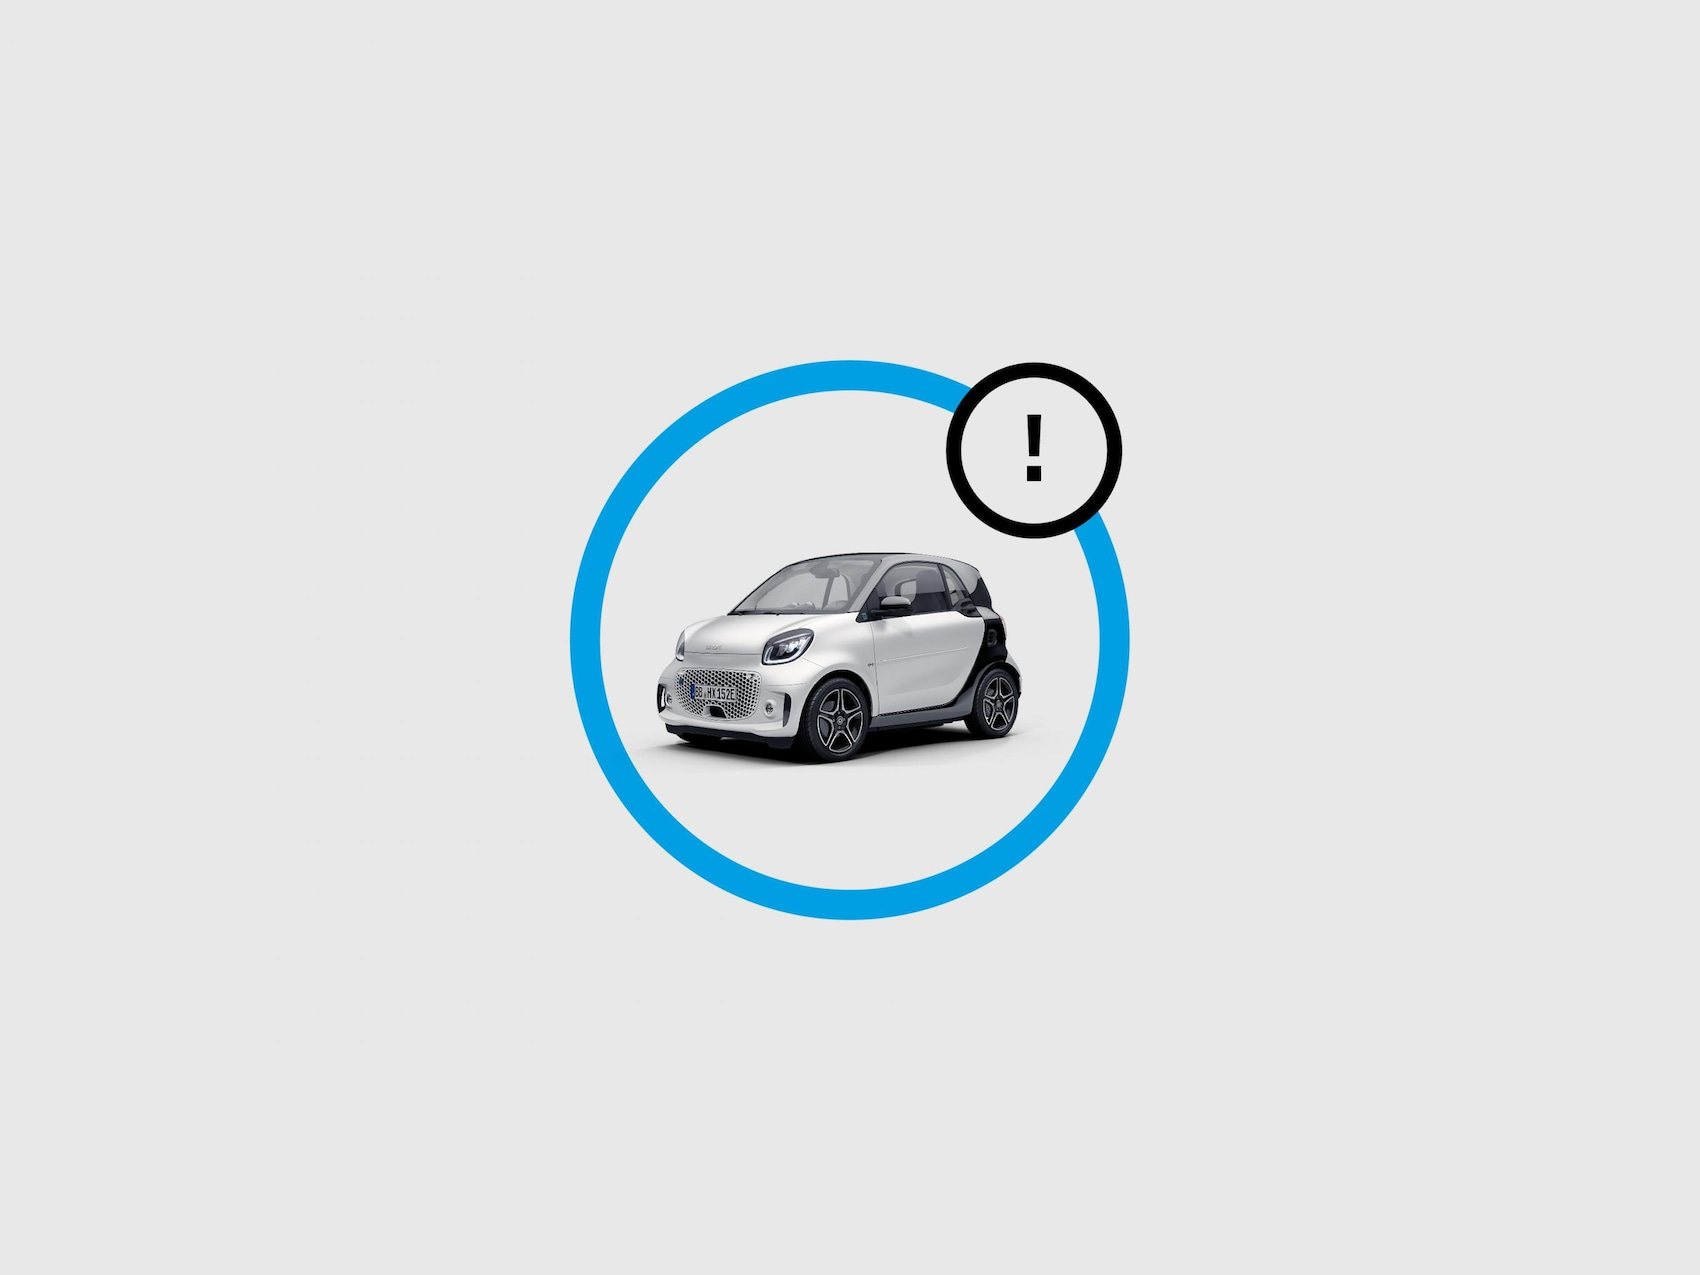 Messaggio di avvertimento dell'app smart EQ control